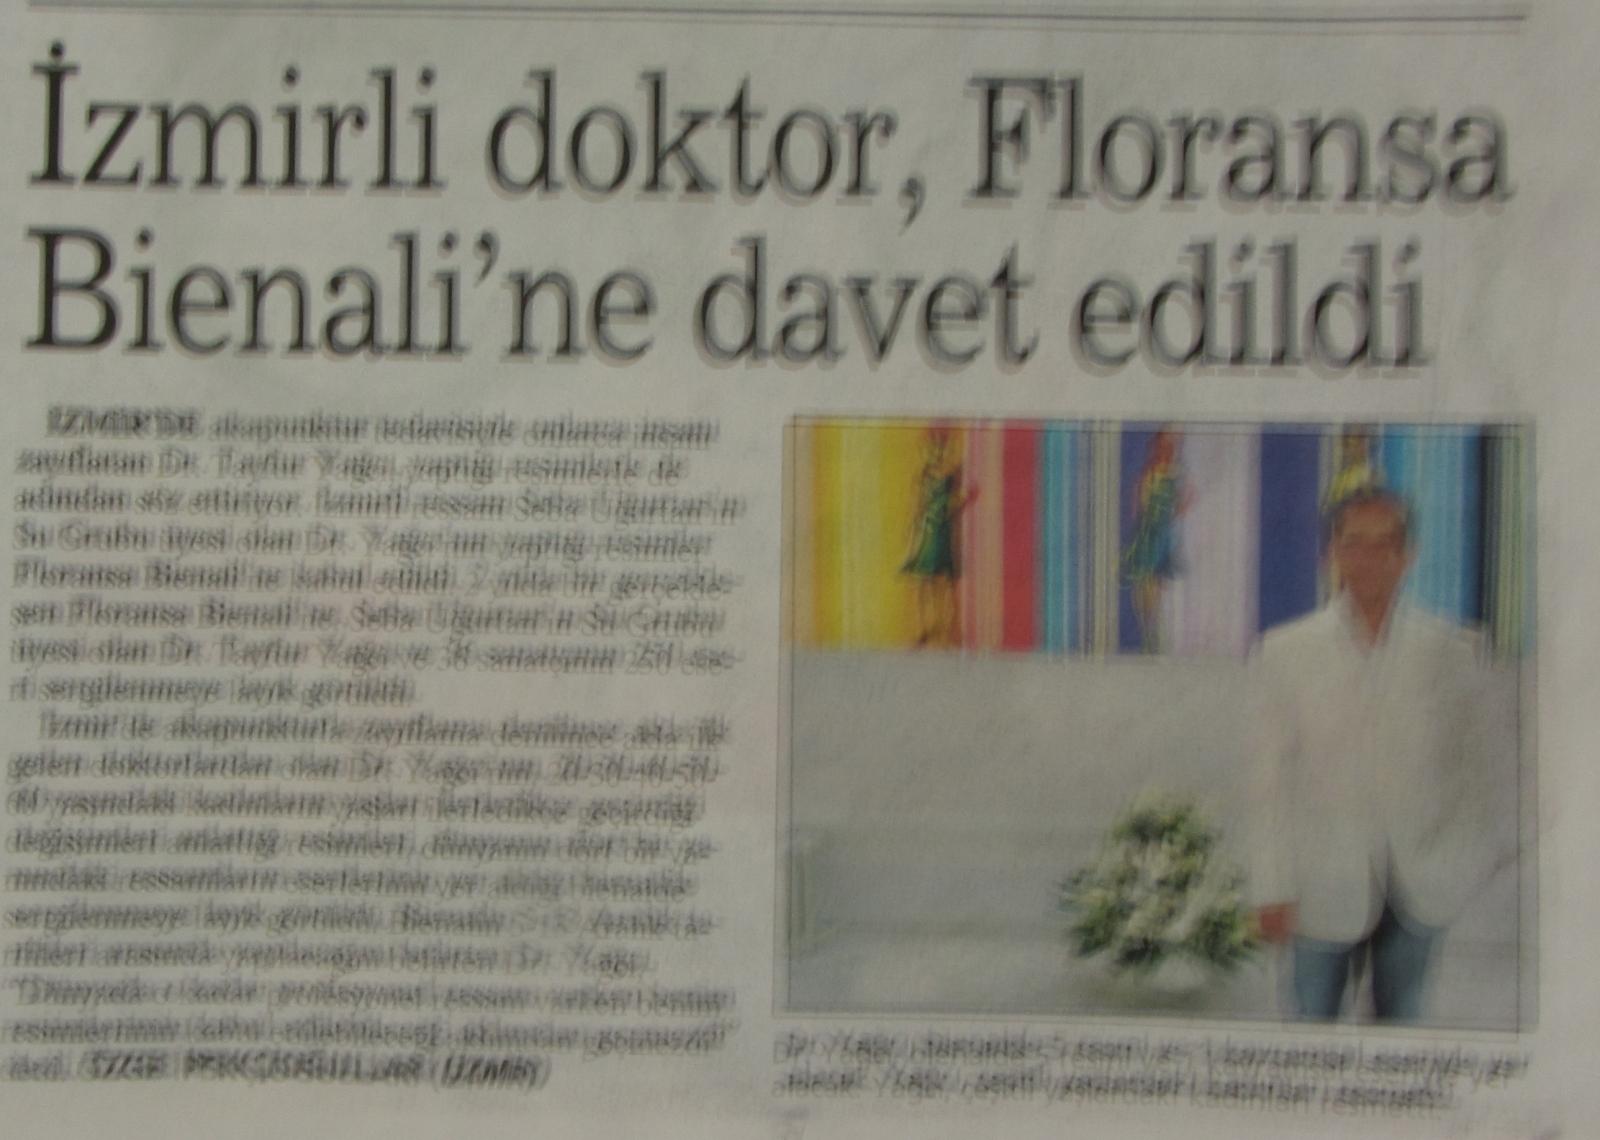 İzmir'li Doktor Floransa Bienal'ine Davet Edildi